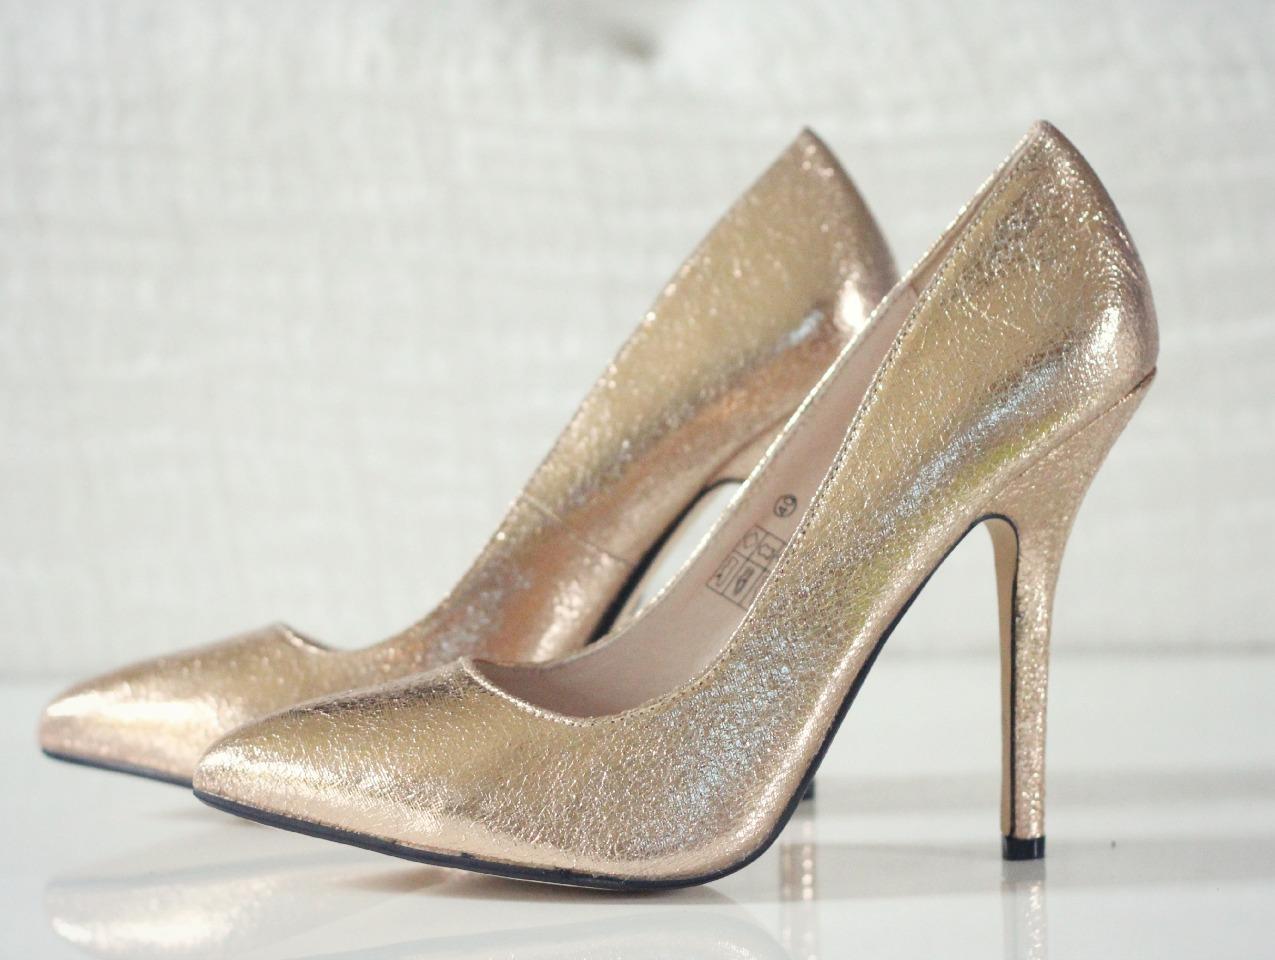 alessia milanese, thechilicool, fashion blog, fashion blogger,un paradiso chiamato sarenza dove scarpa significa amore